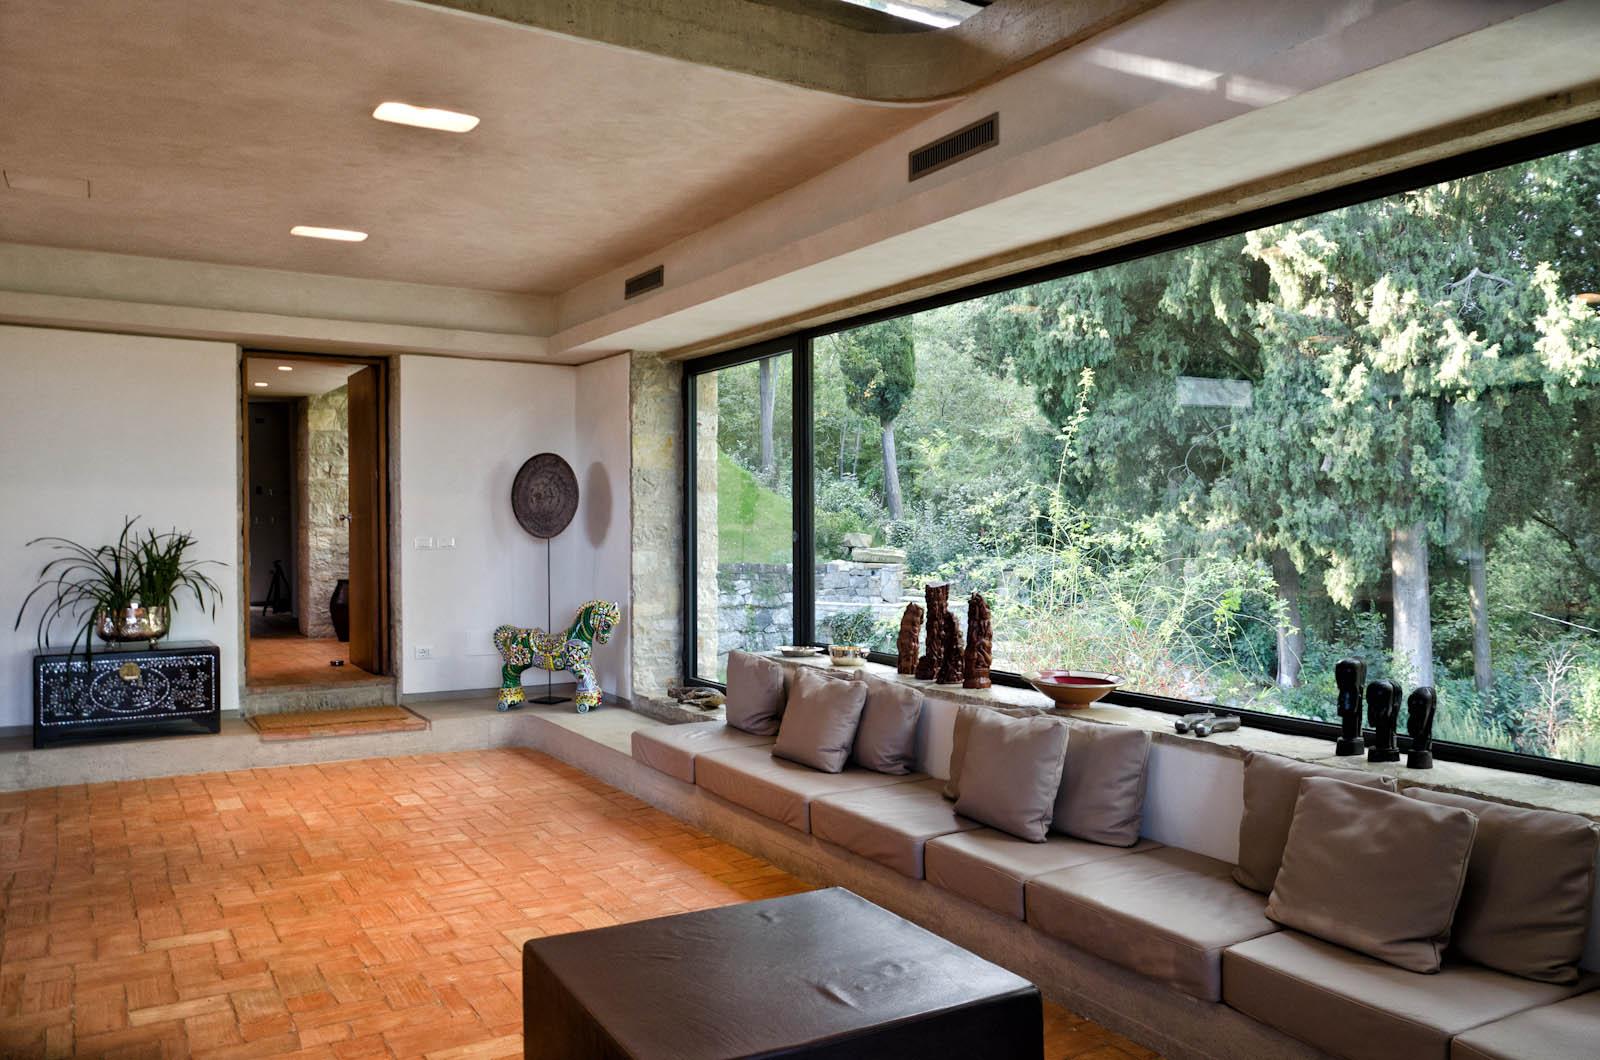 Le grandi vetrate lasciano entrare la natura all 39 interno for Vetrate case moderne